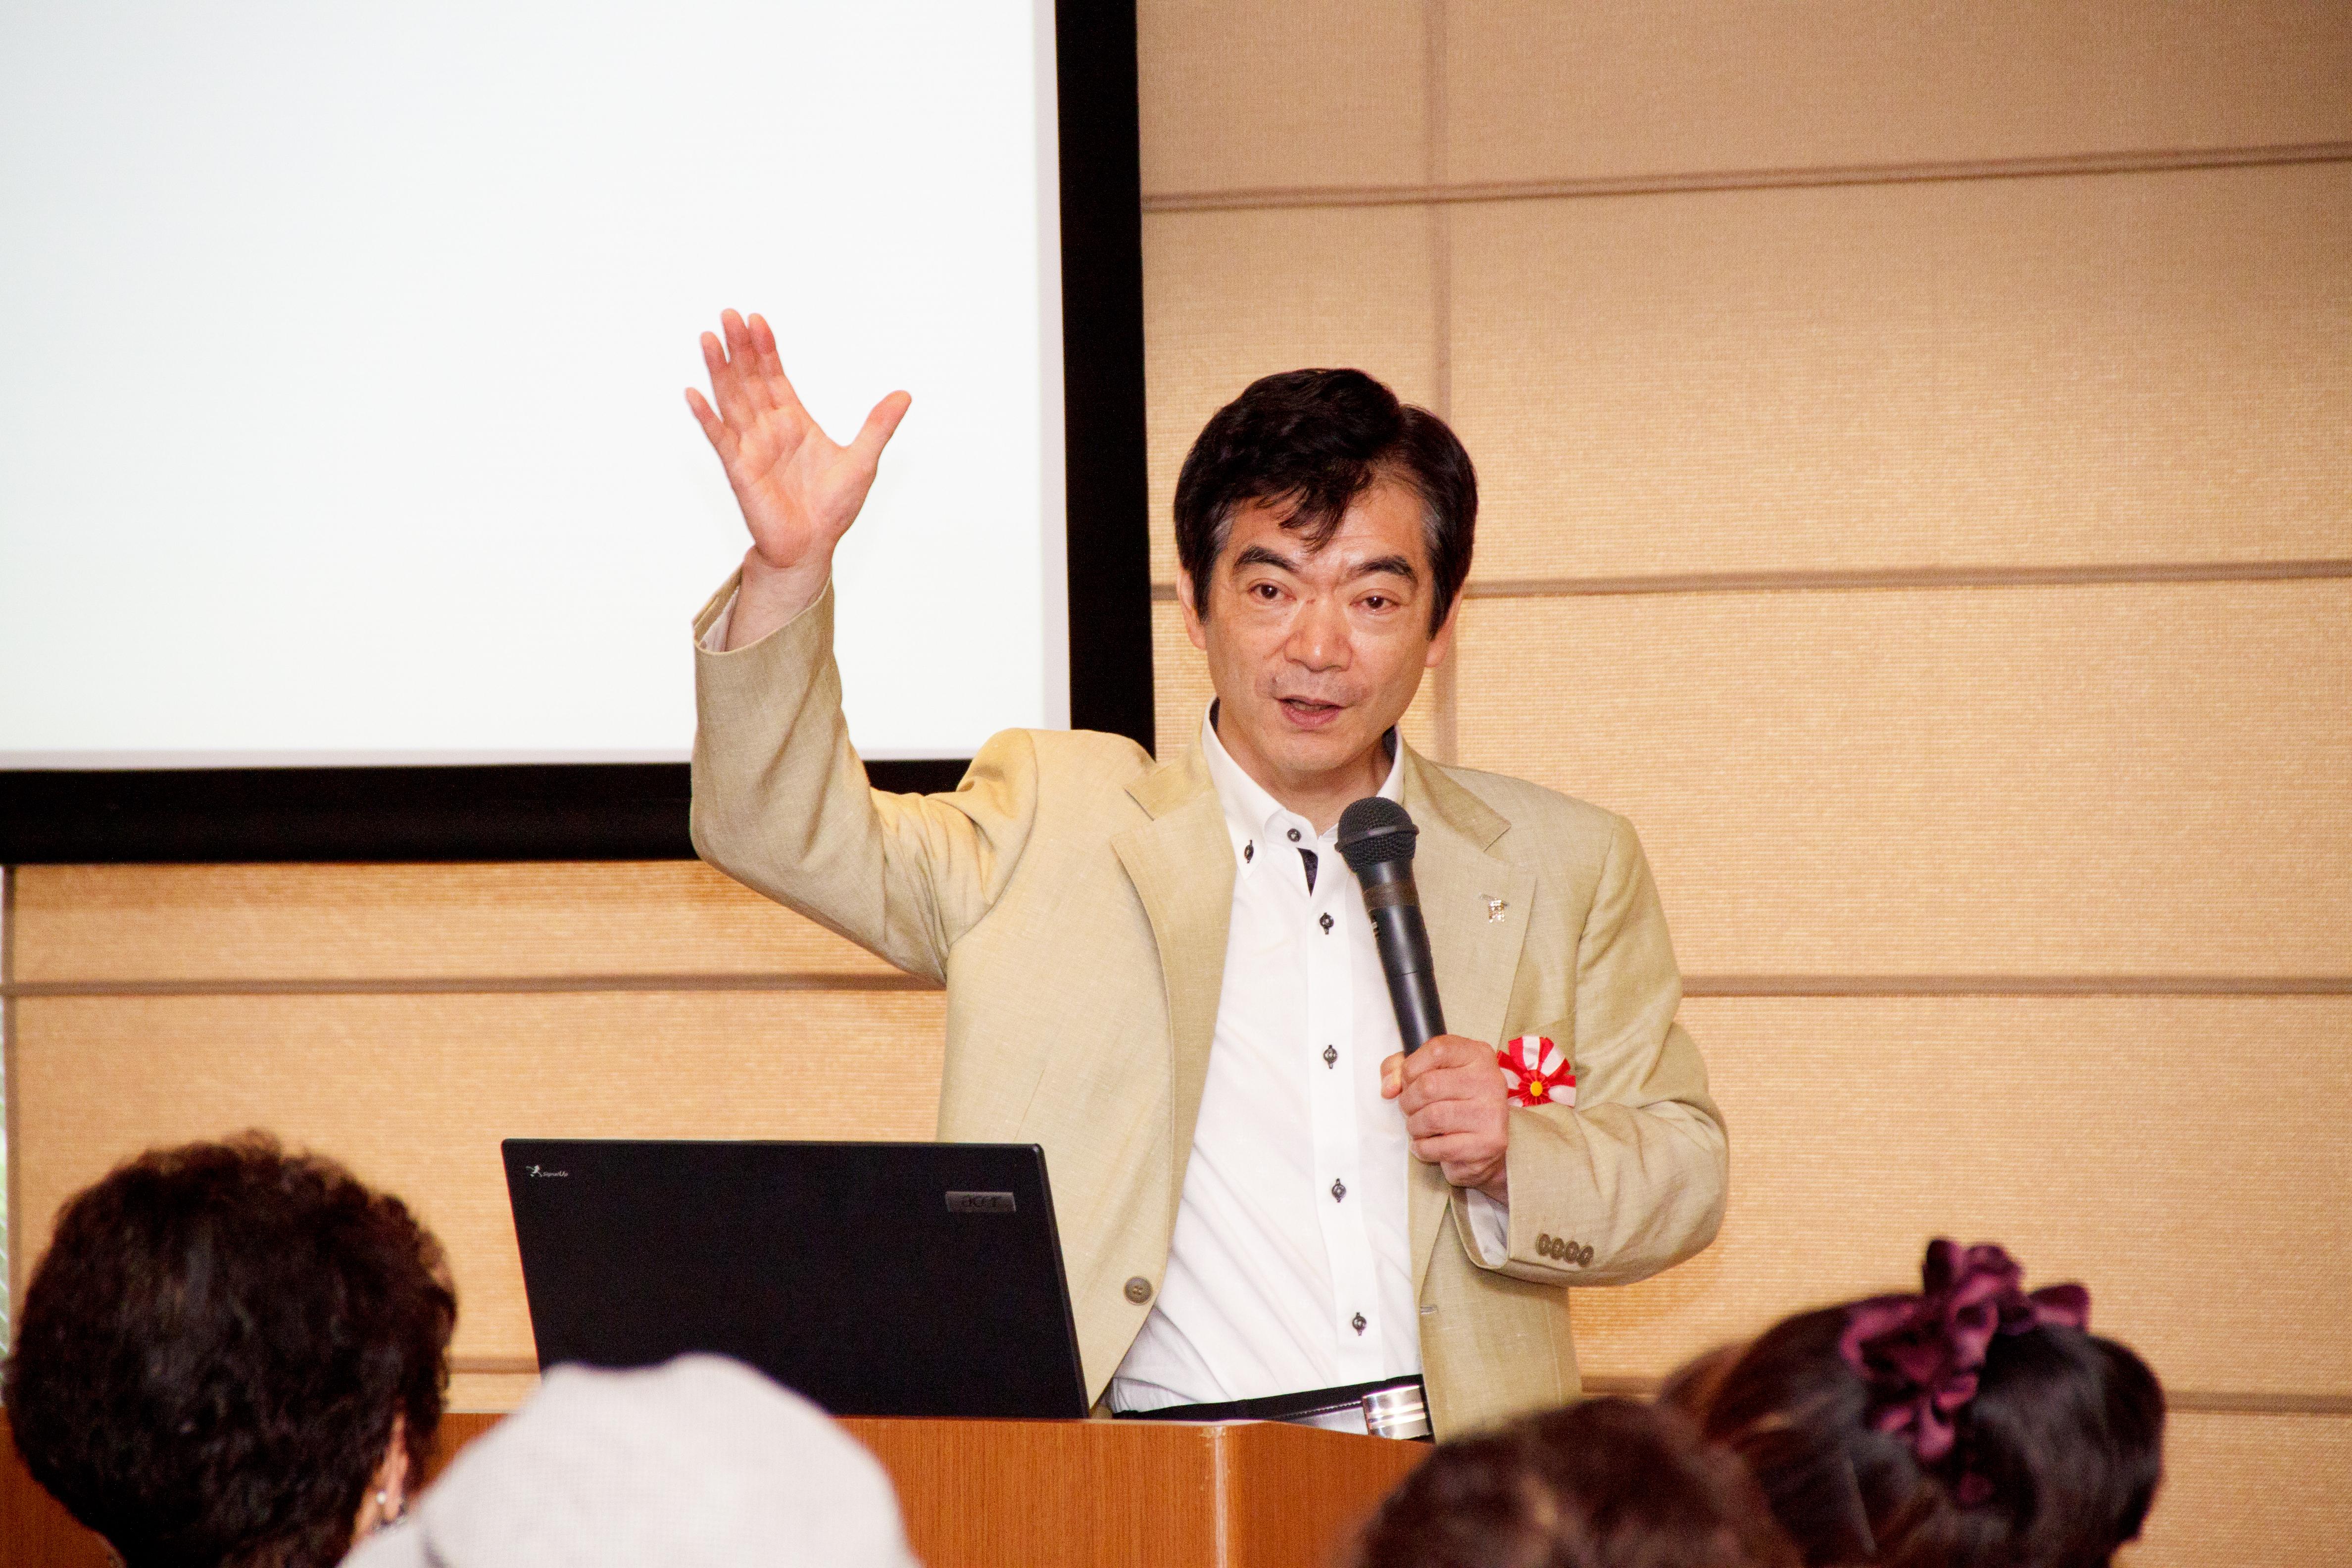 平成23年度花桜会短大部総会での講演1